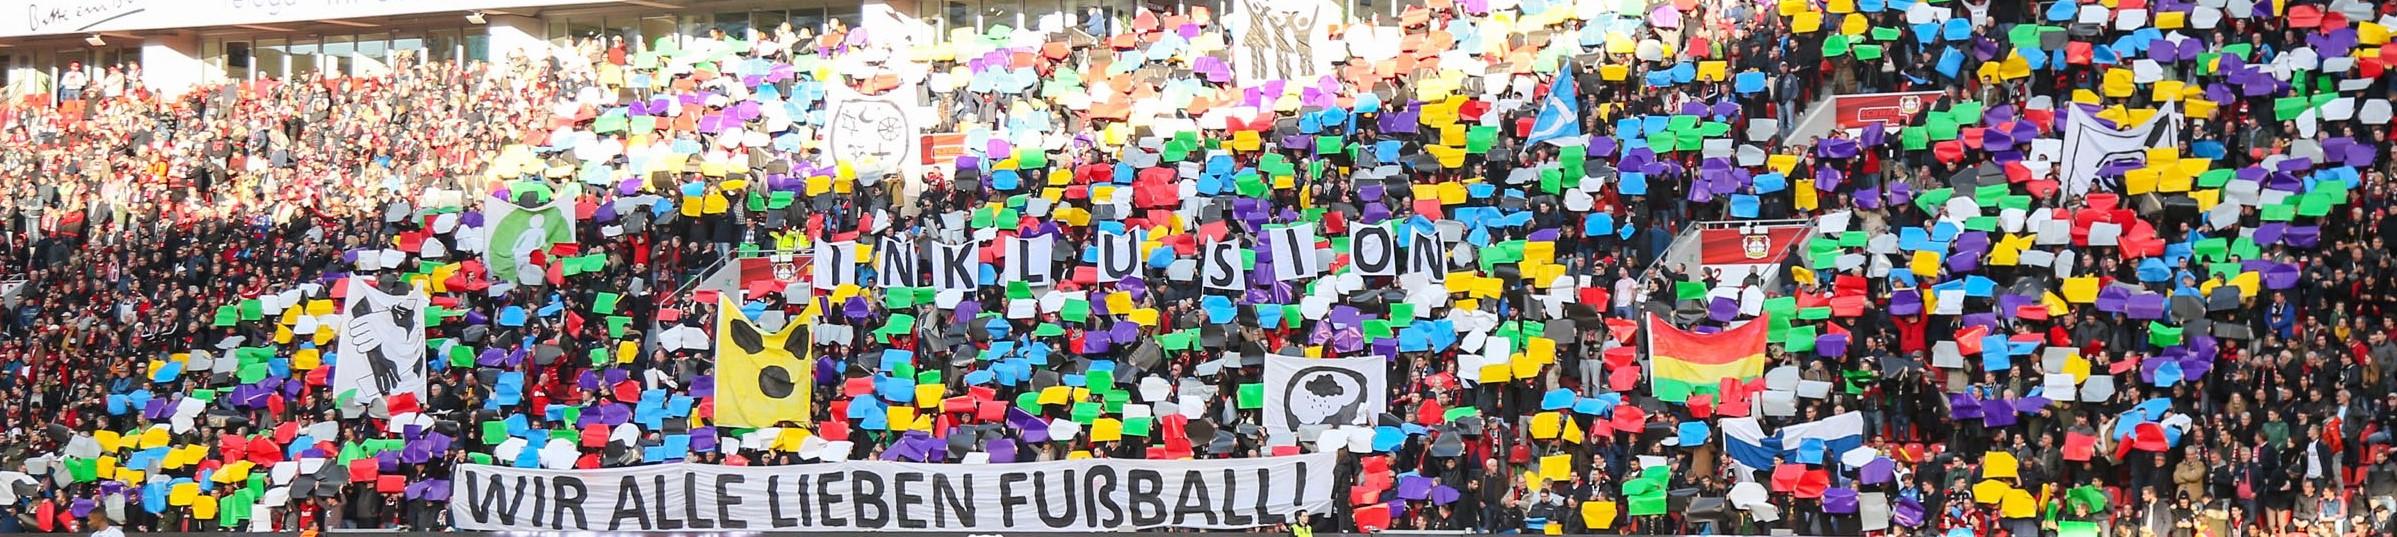 Choreographie Fans Leverkusen zum Thema Inklusion - Fans halten bunte Karten und Banner mit verschiedenen Bedeutungen von Inklusion hoch. Vorne ein Banner mit der Aufschrift: Wir alle lieben Fußball